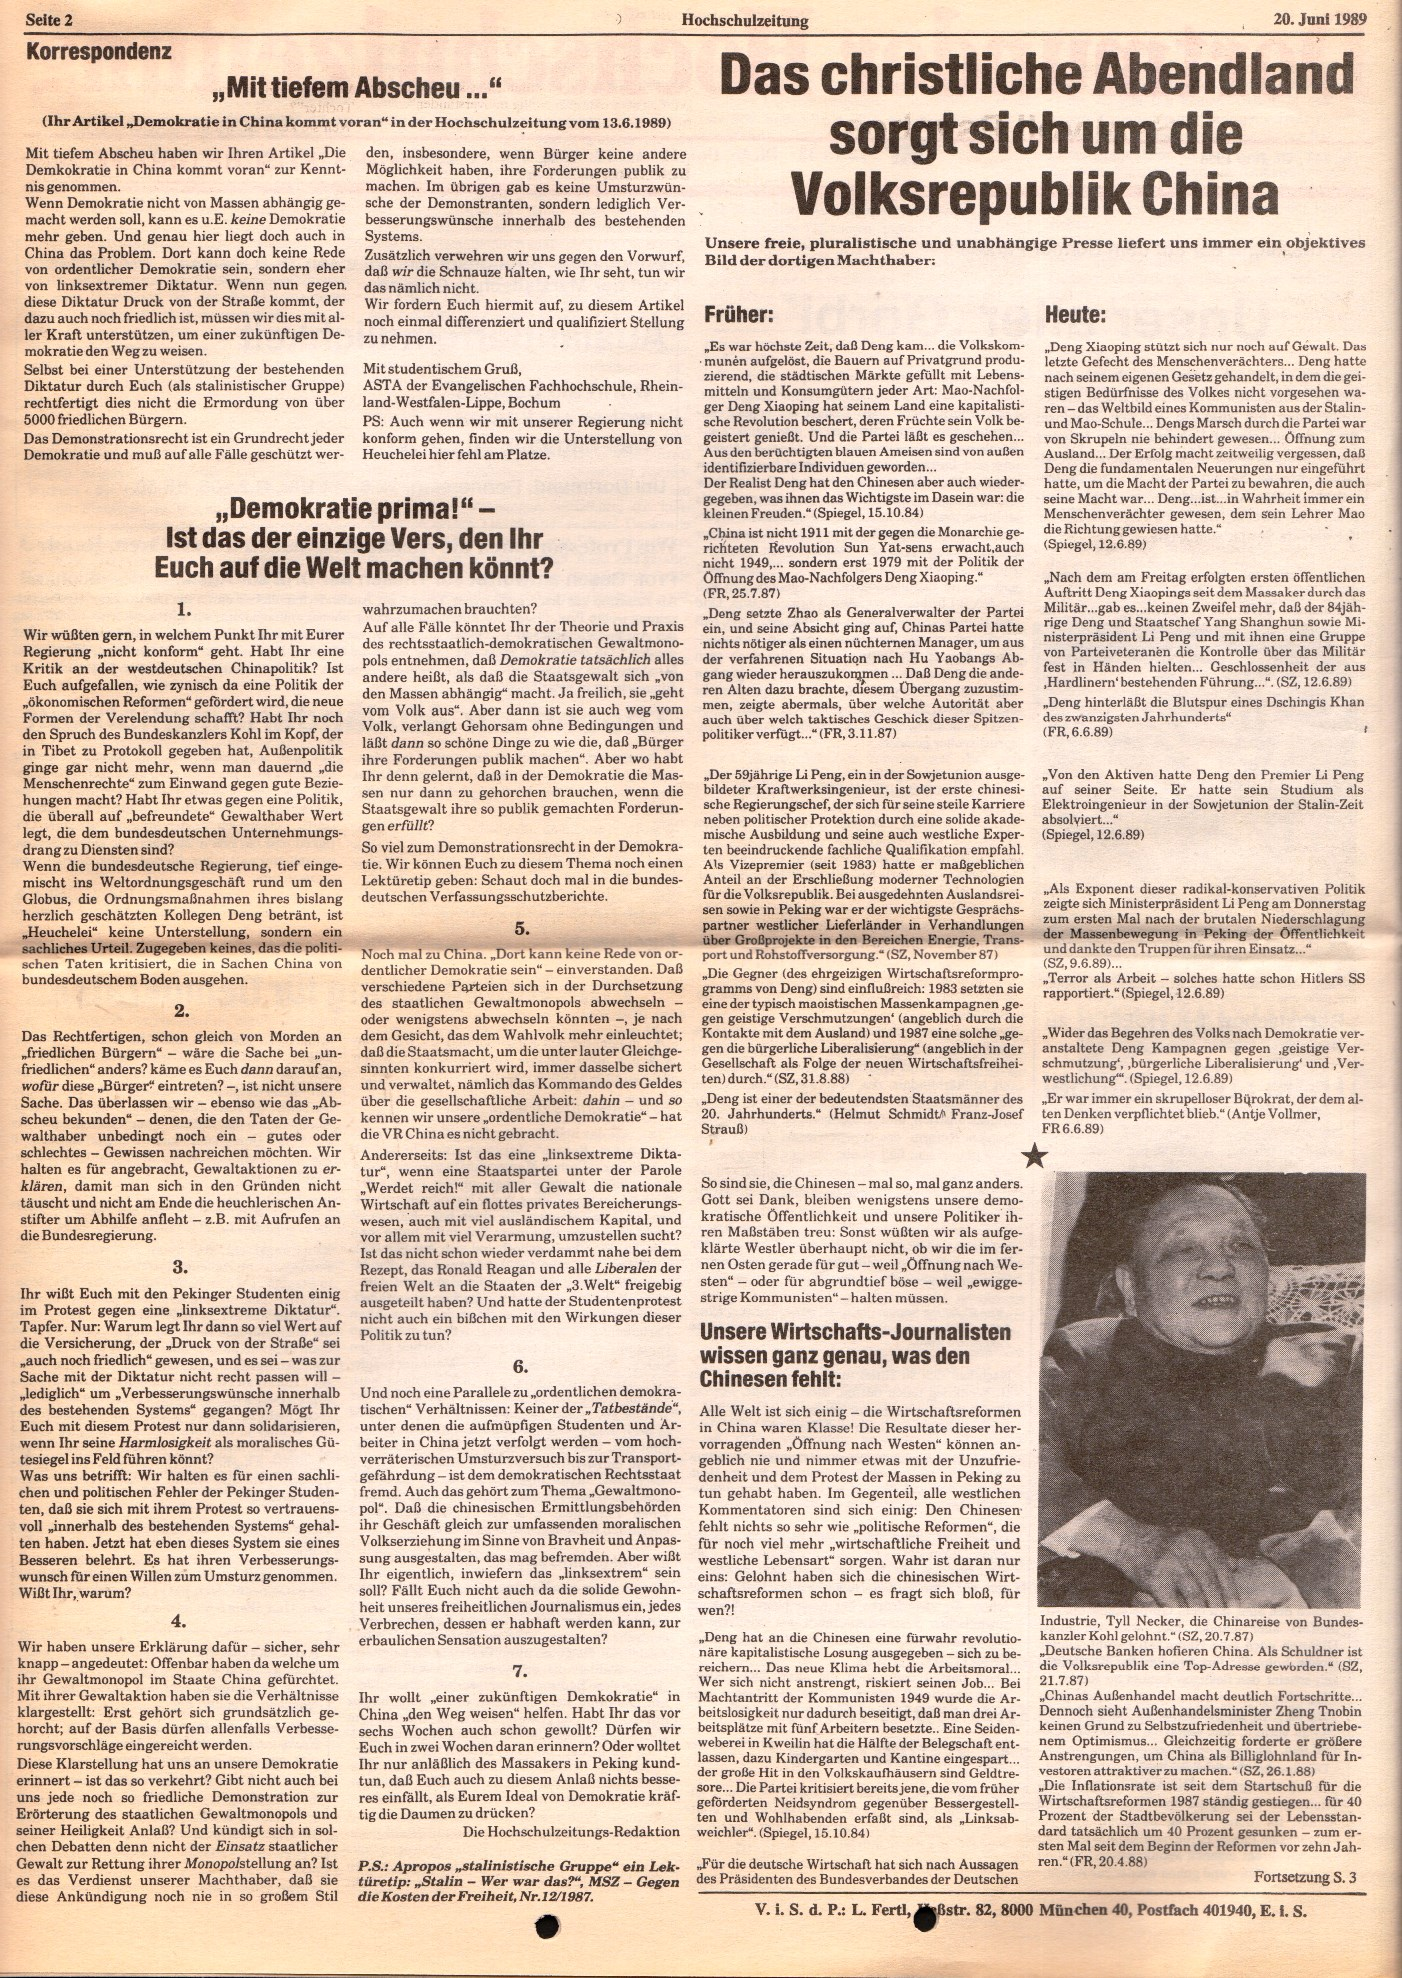 MG_Dortmunder_Hochschulzeitung_19890620_02